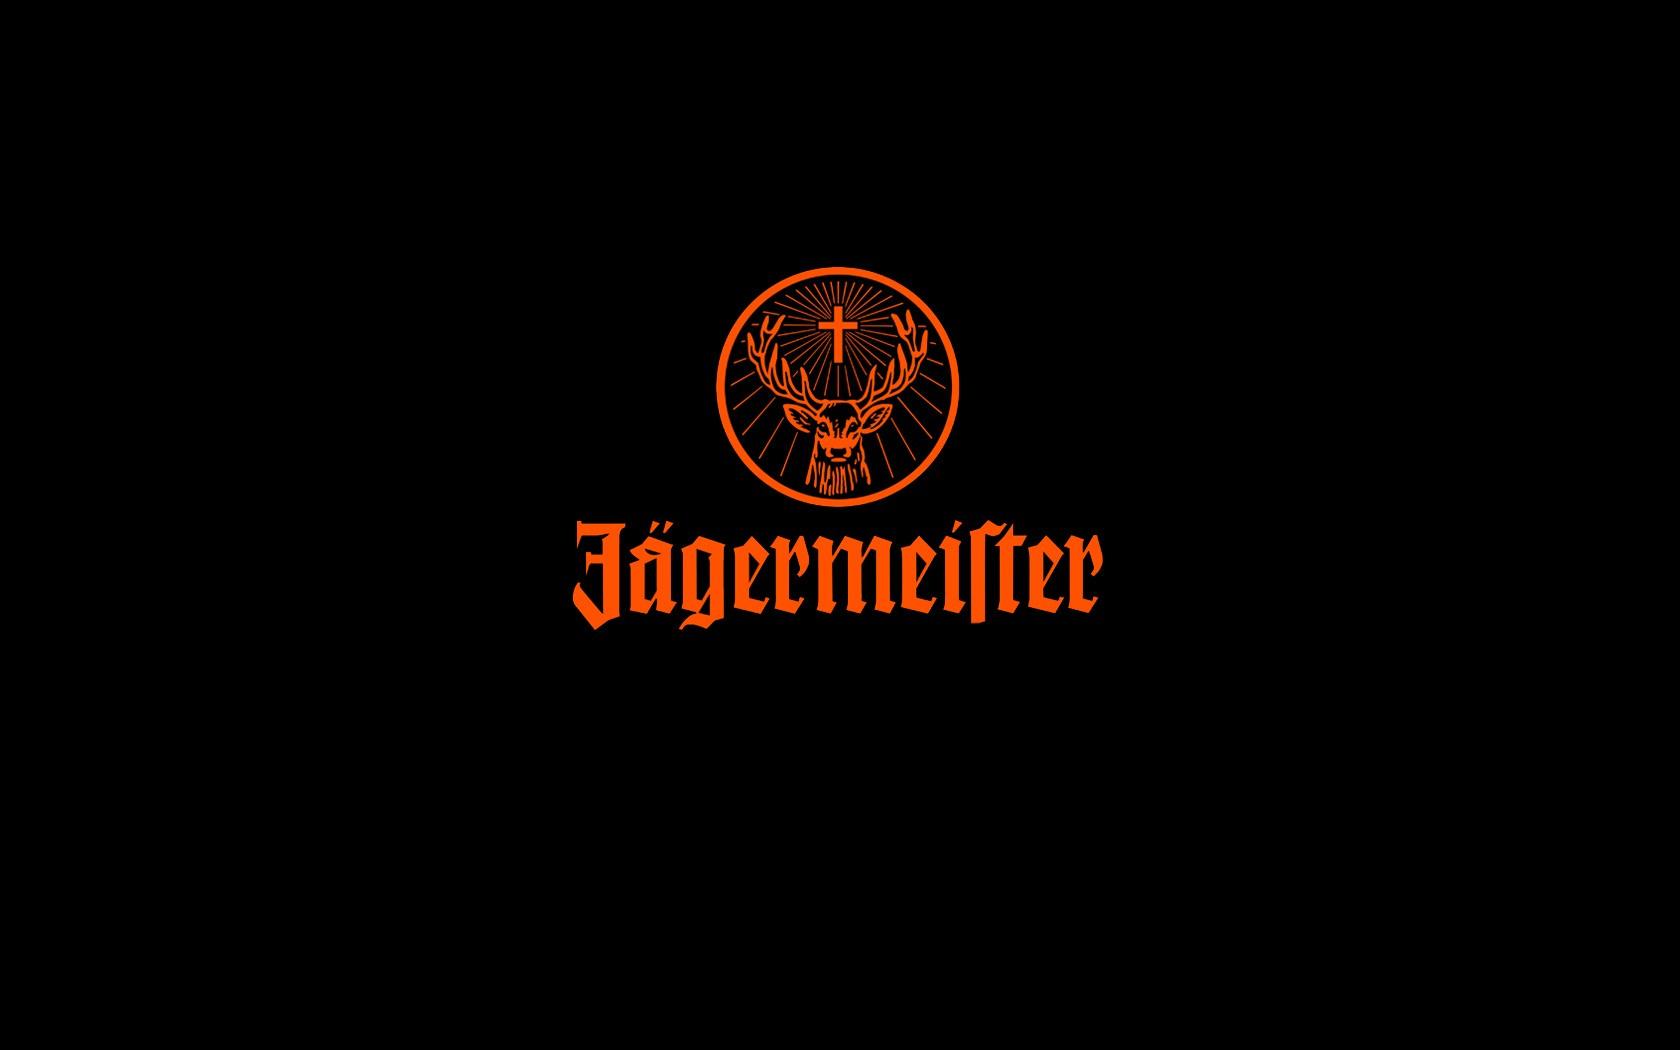 Car Brand Logos Wallpaper Wallpaper Text Logo Alcohol Brand Jagermeister